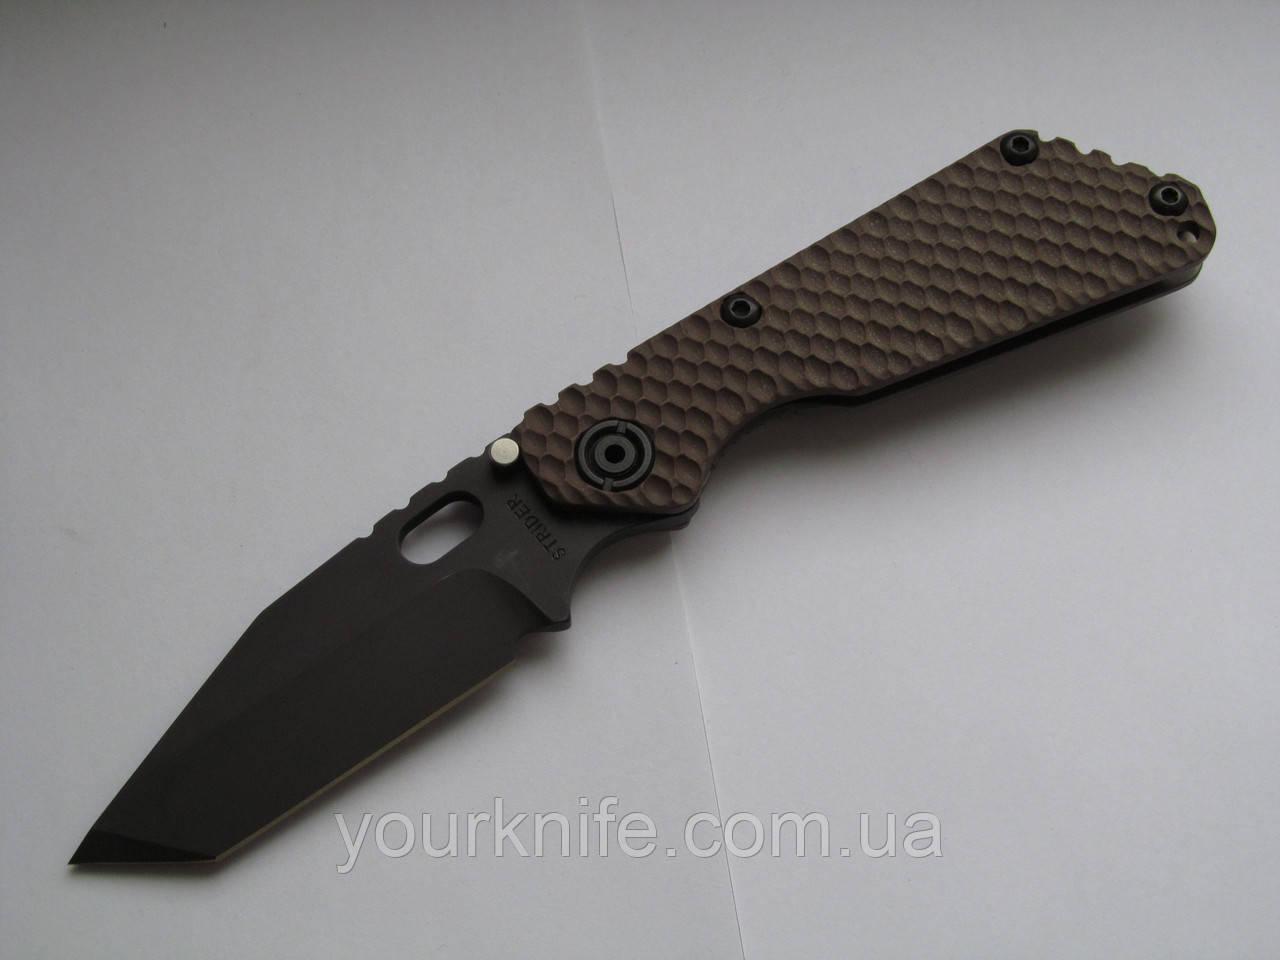 Купить нож Strider SnG GG Tanto Coyote/Black